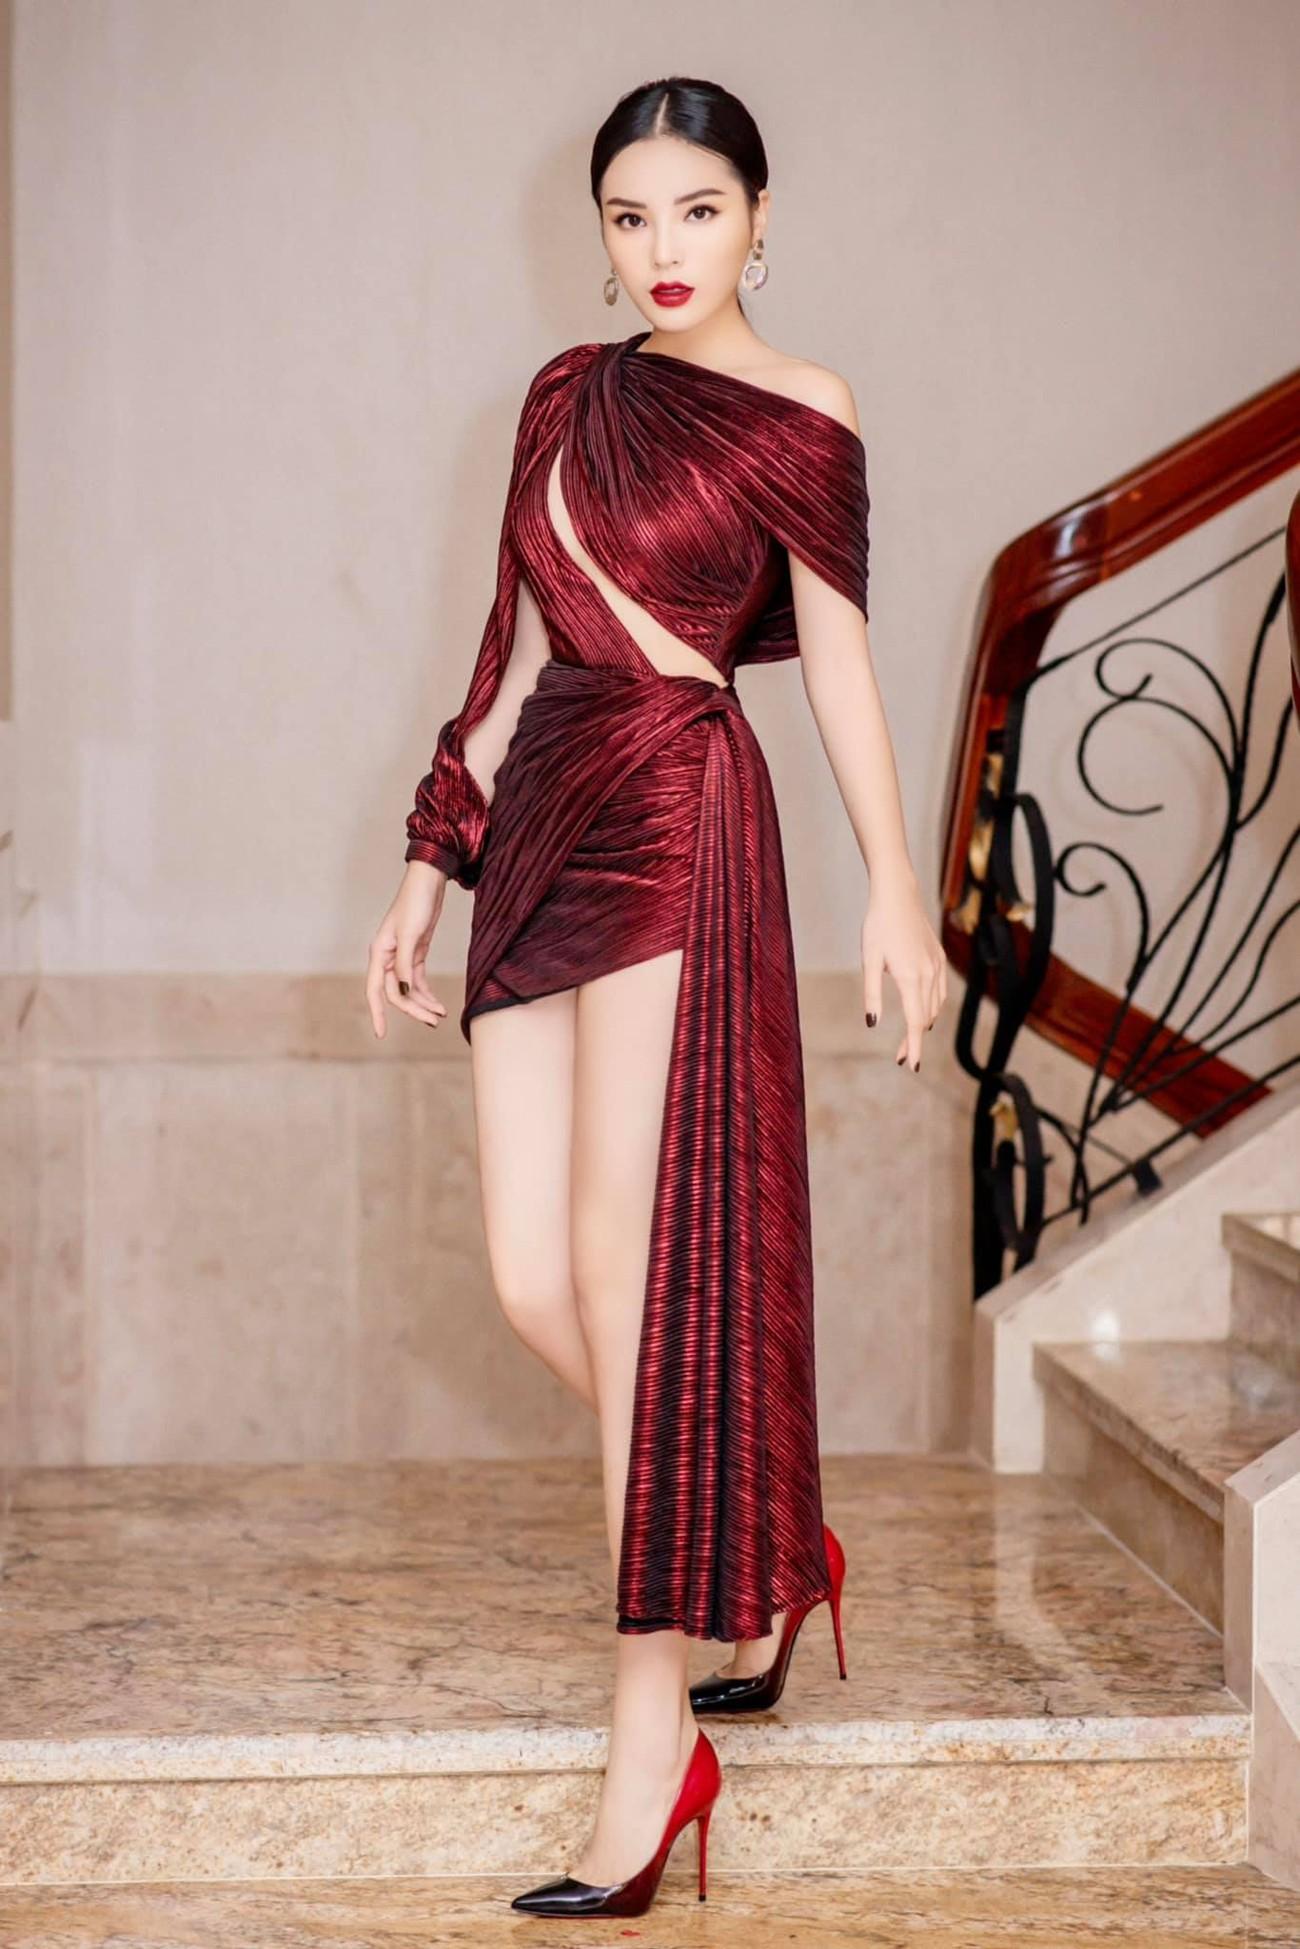 Tiểu Vy, Hà Kiều Anh và dàn hậu diện váy đỏ rực khoe dáng nóng bỏng đêm Giáng Sinh ảnh 14